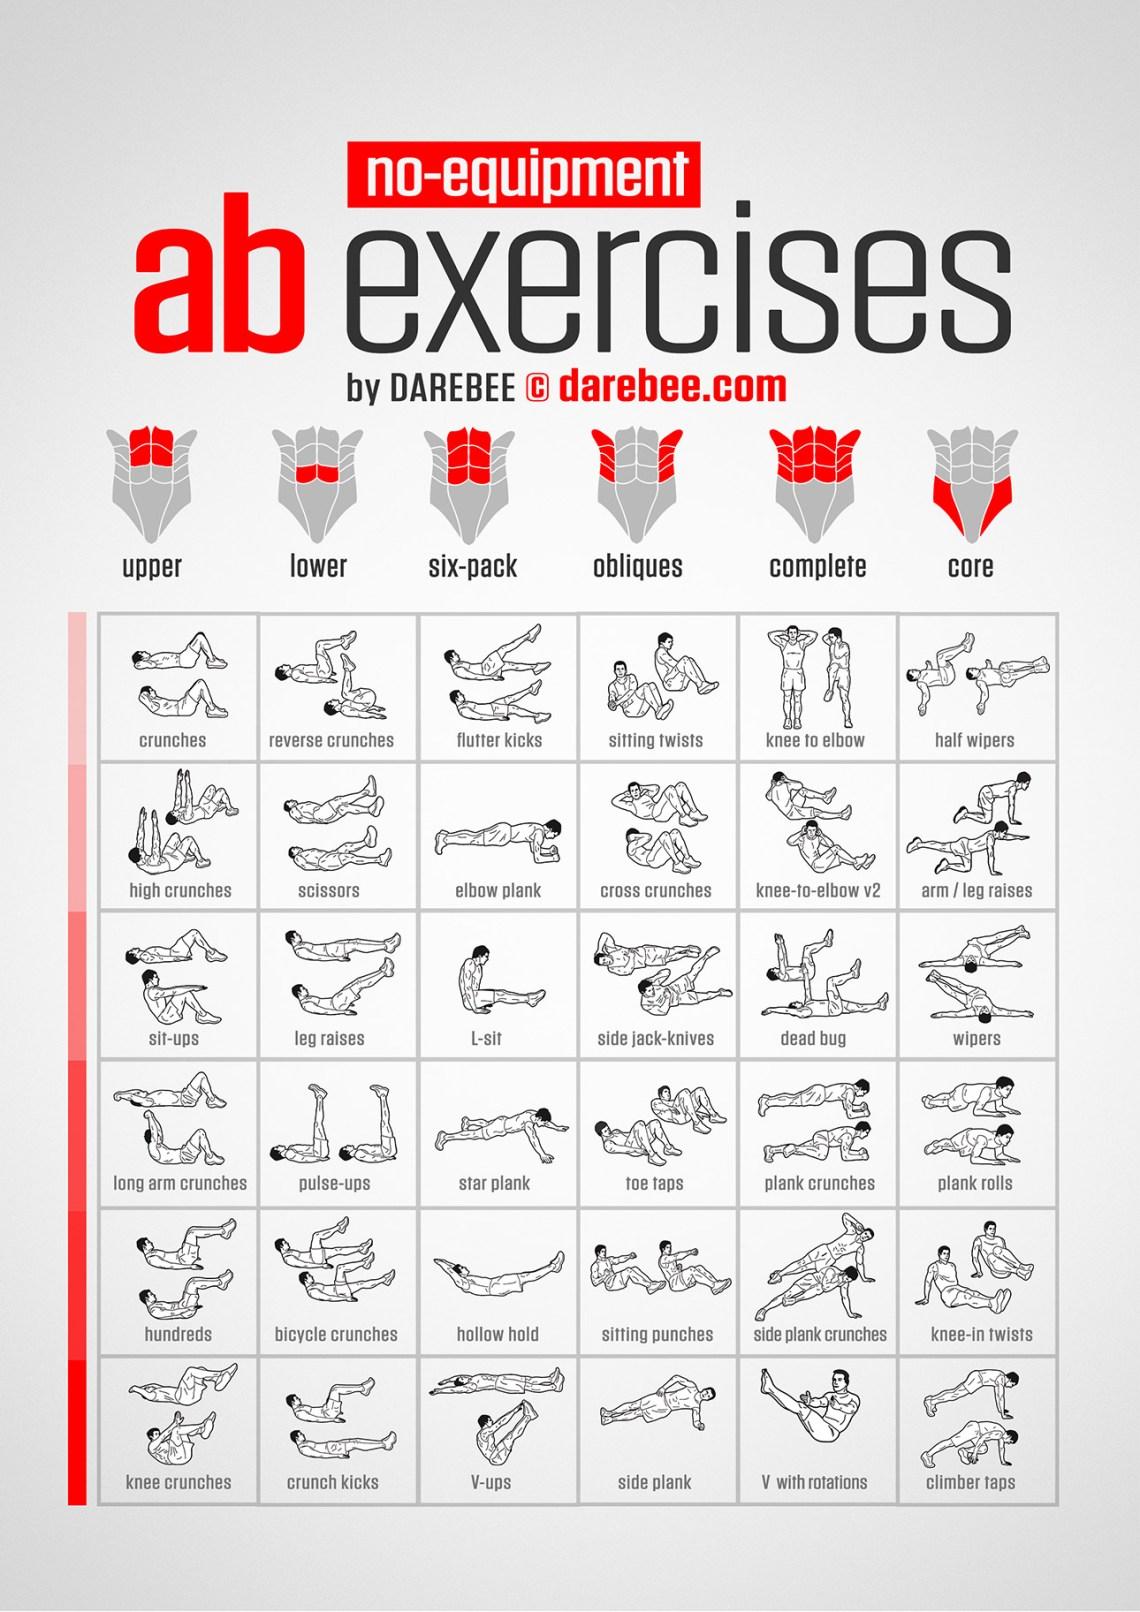 https://i2.wp.com/darebee.com/images/posters/ab-exercises-chart.jpg?w=1140&ssl=1